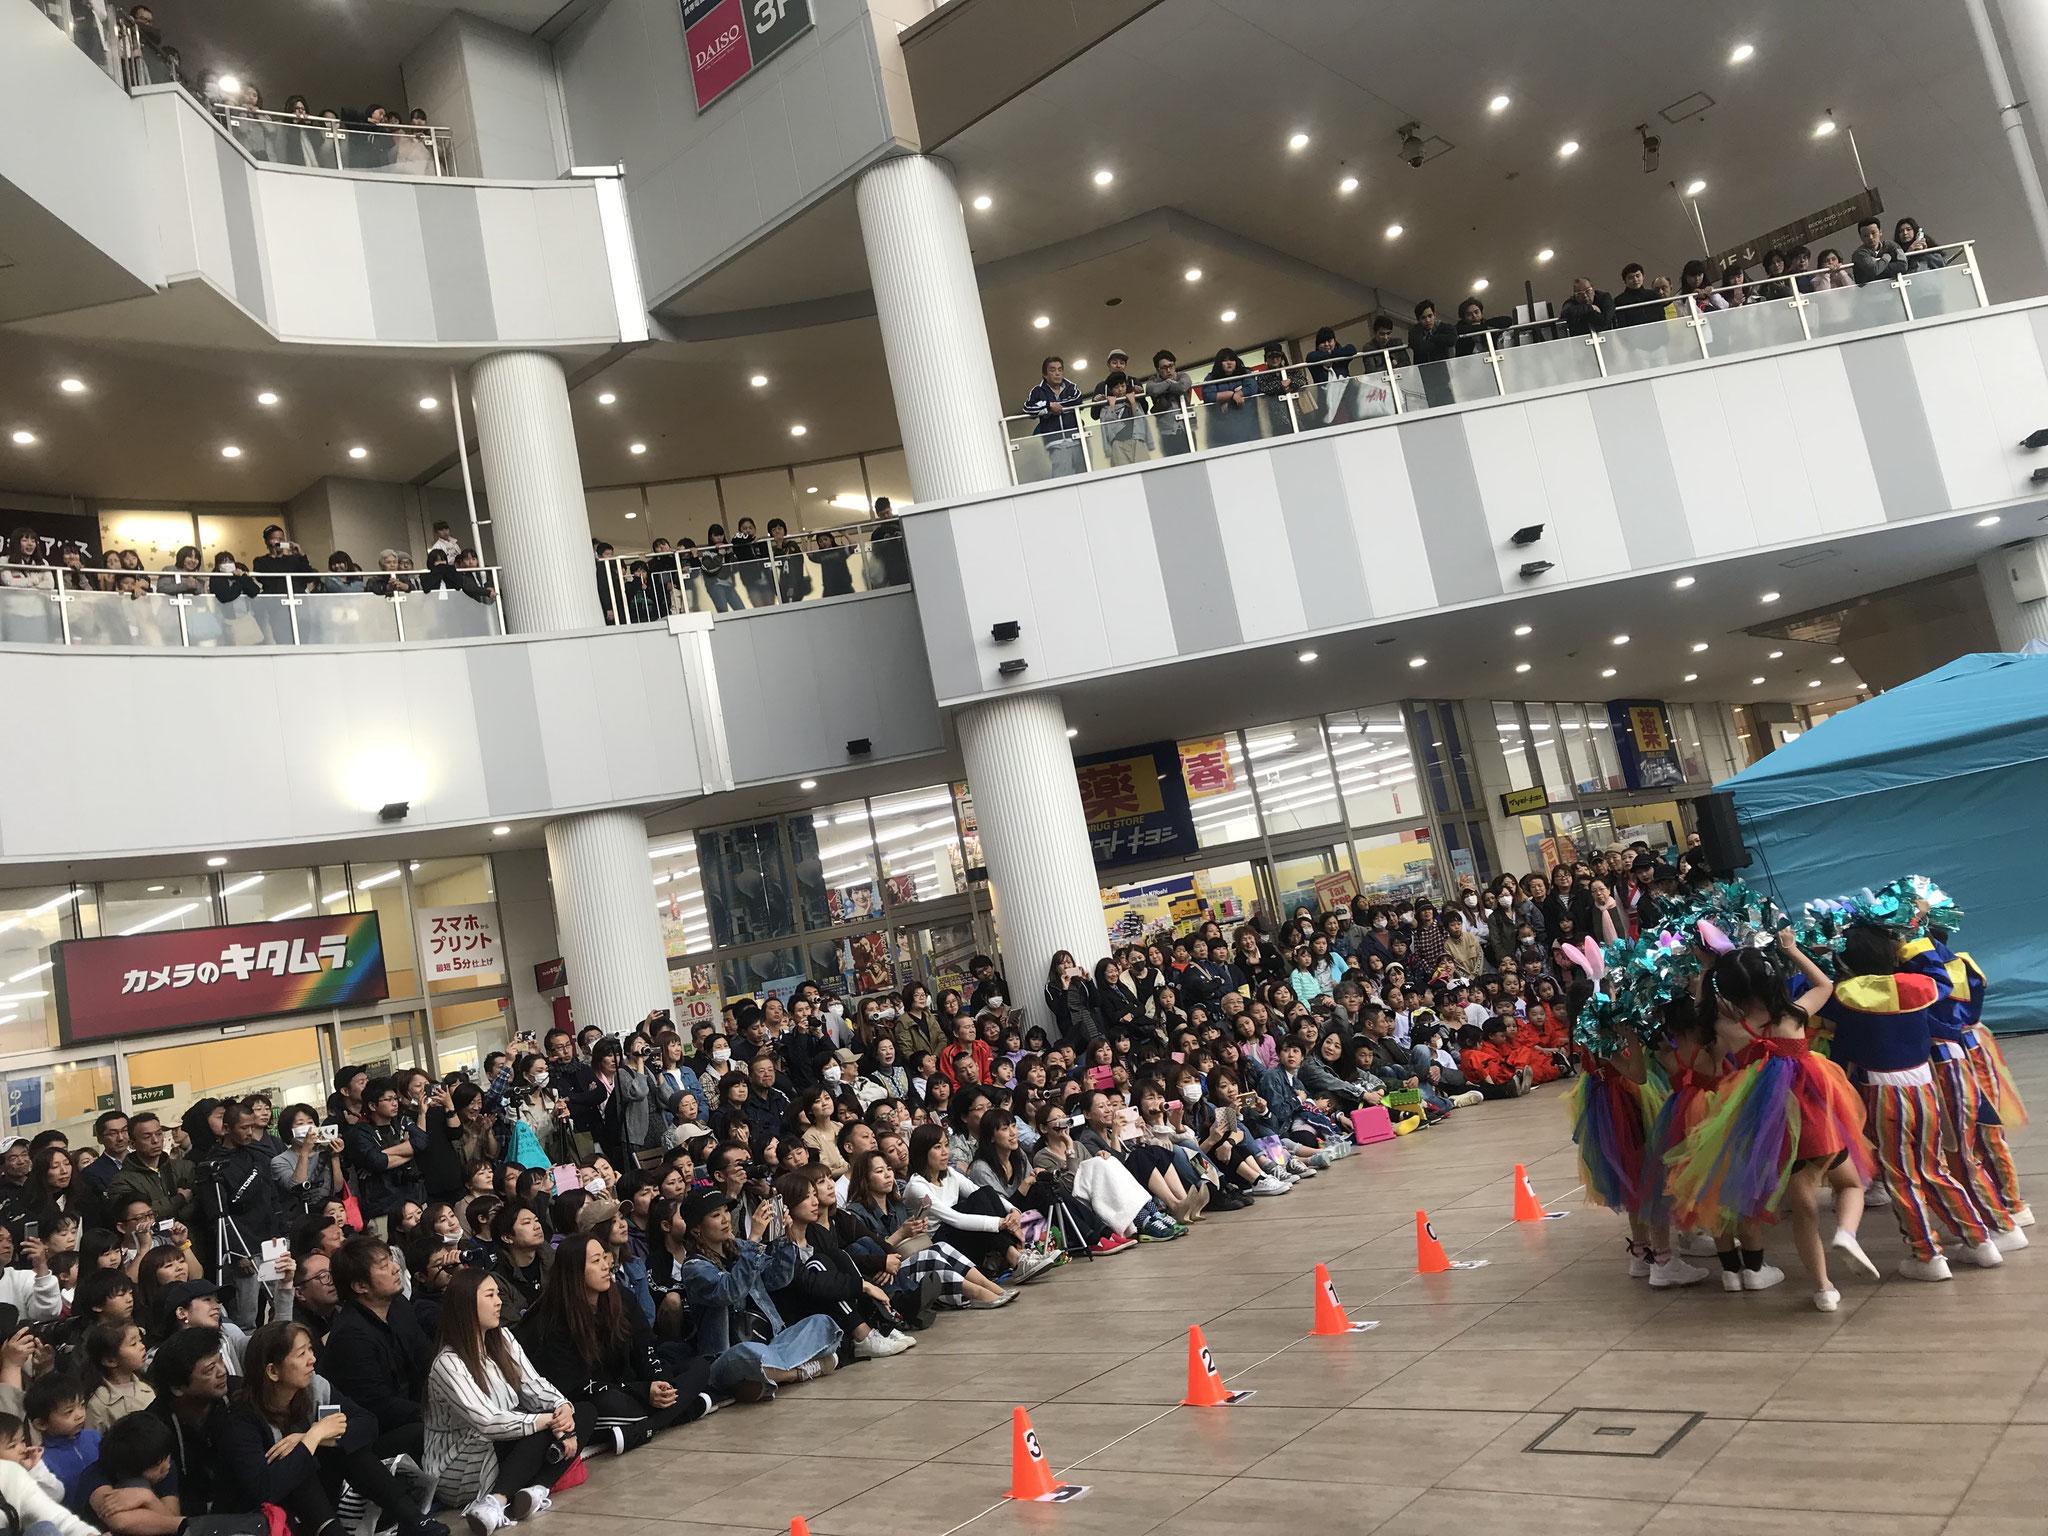 2018.4.29無料観覧イベントVol.2